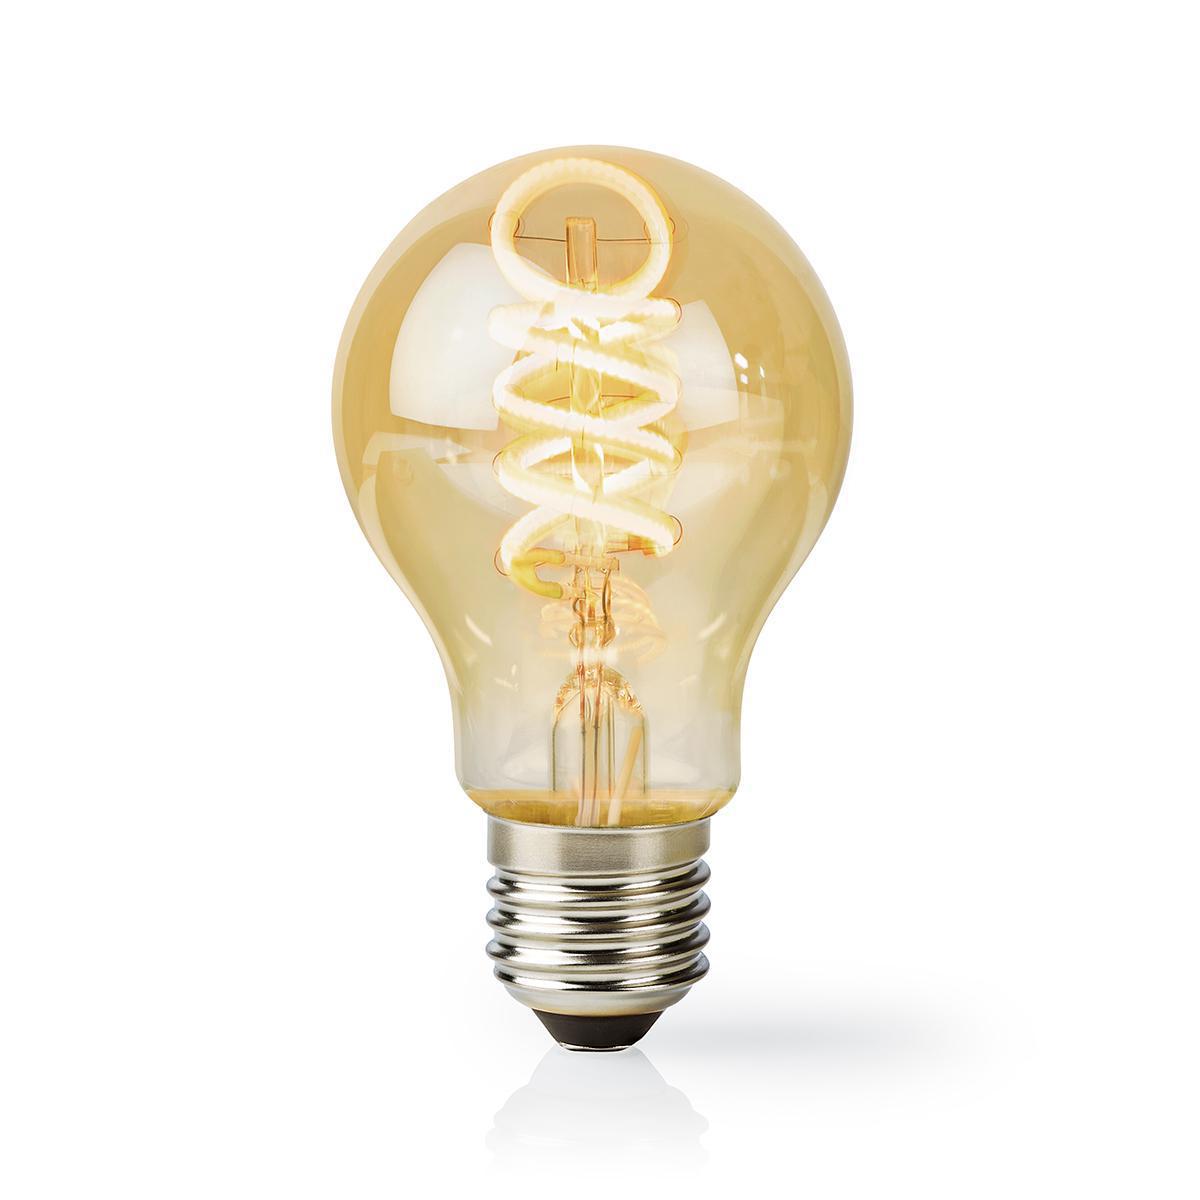 Slimme WiFi LED lamp - in kleur verstelbaar - 1800K warm wit - 6500K daglicht E27 spiraal lamp - dimbaar - app besturing - 5,5W - warm wit